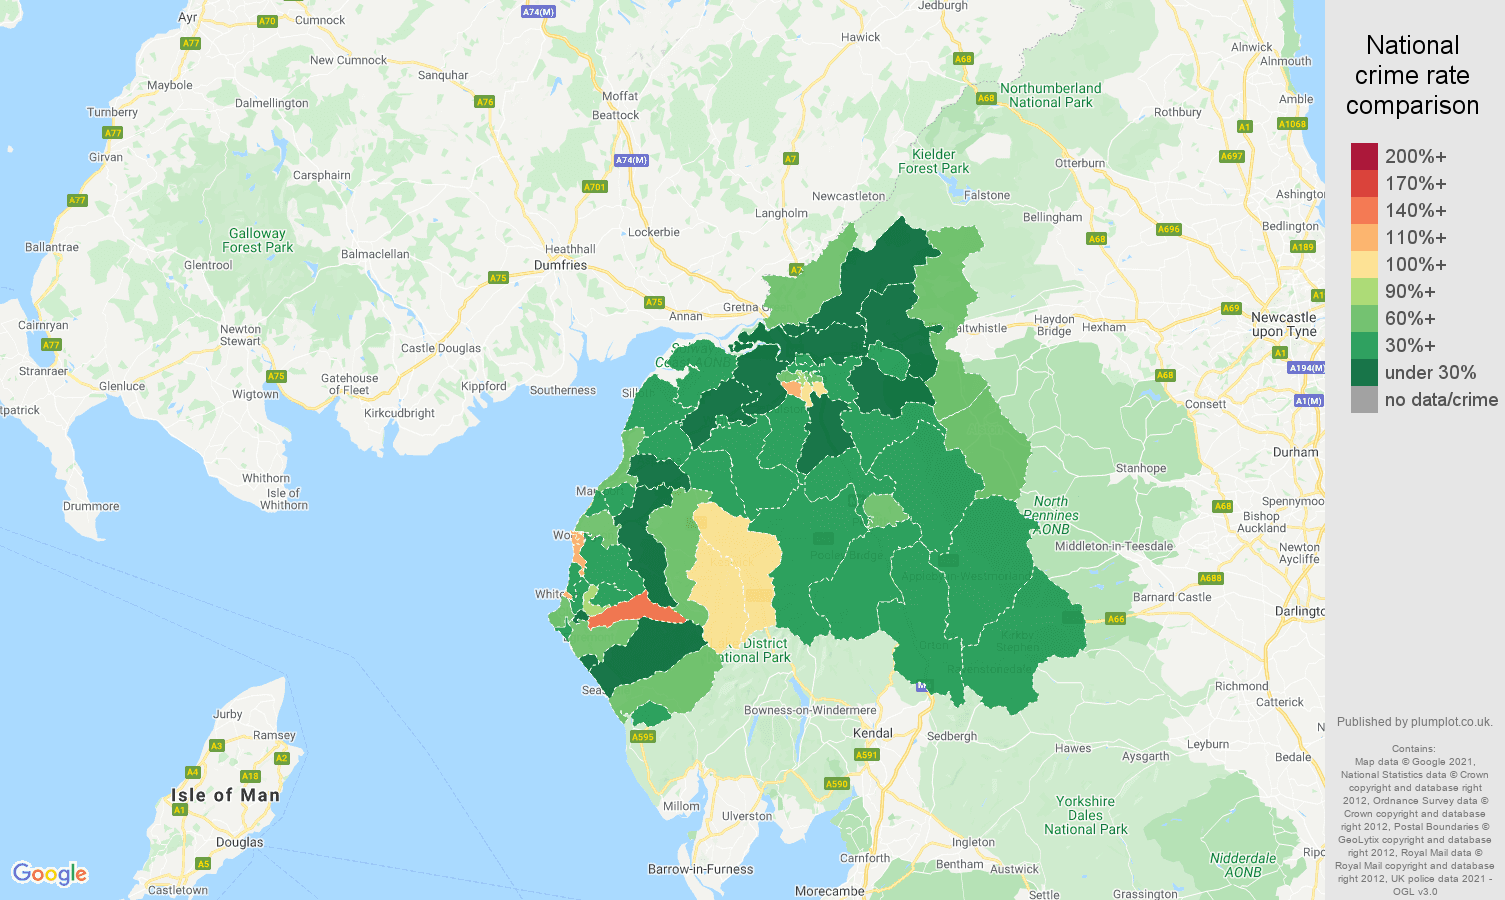 Carlisle antisocial behaviour crime rate comparison map